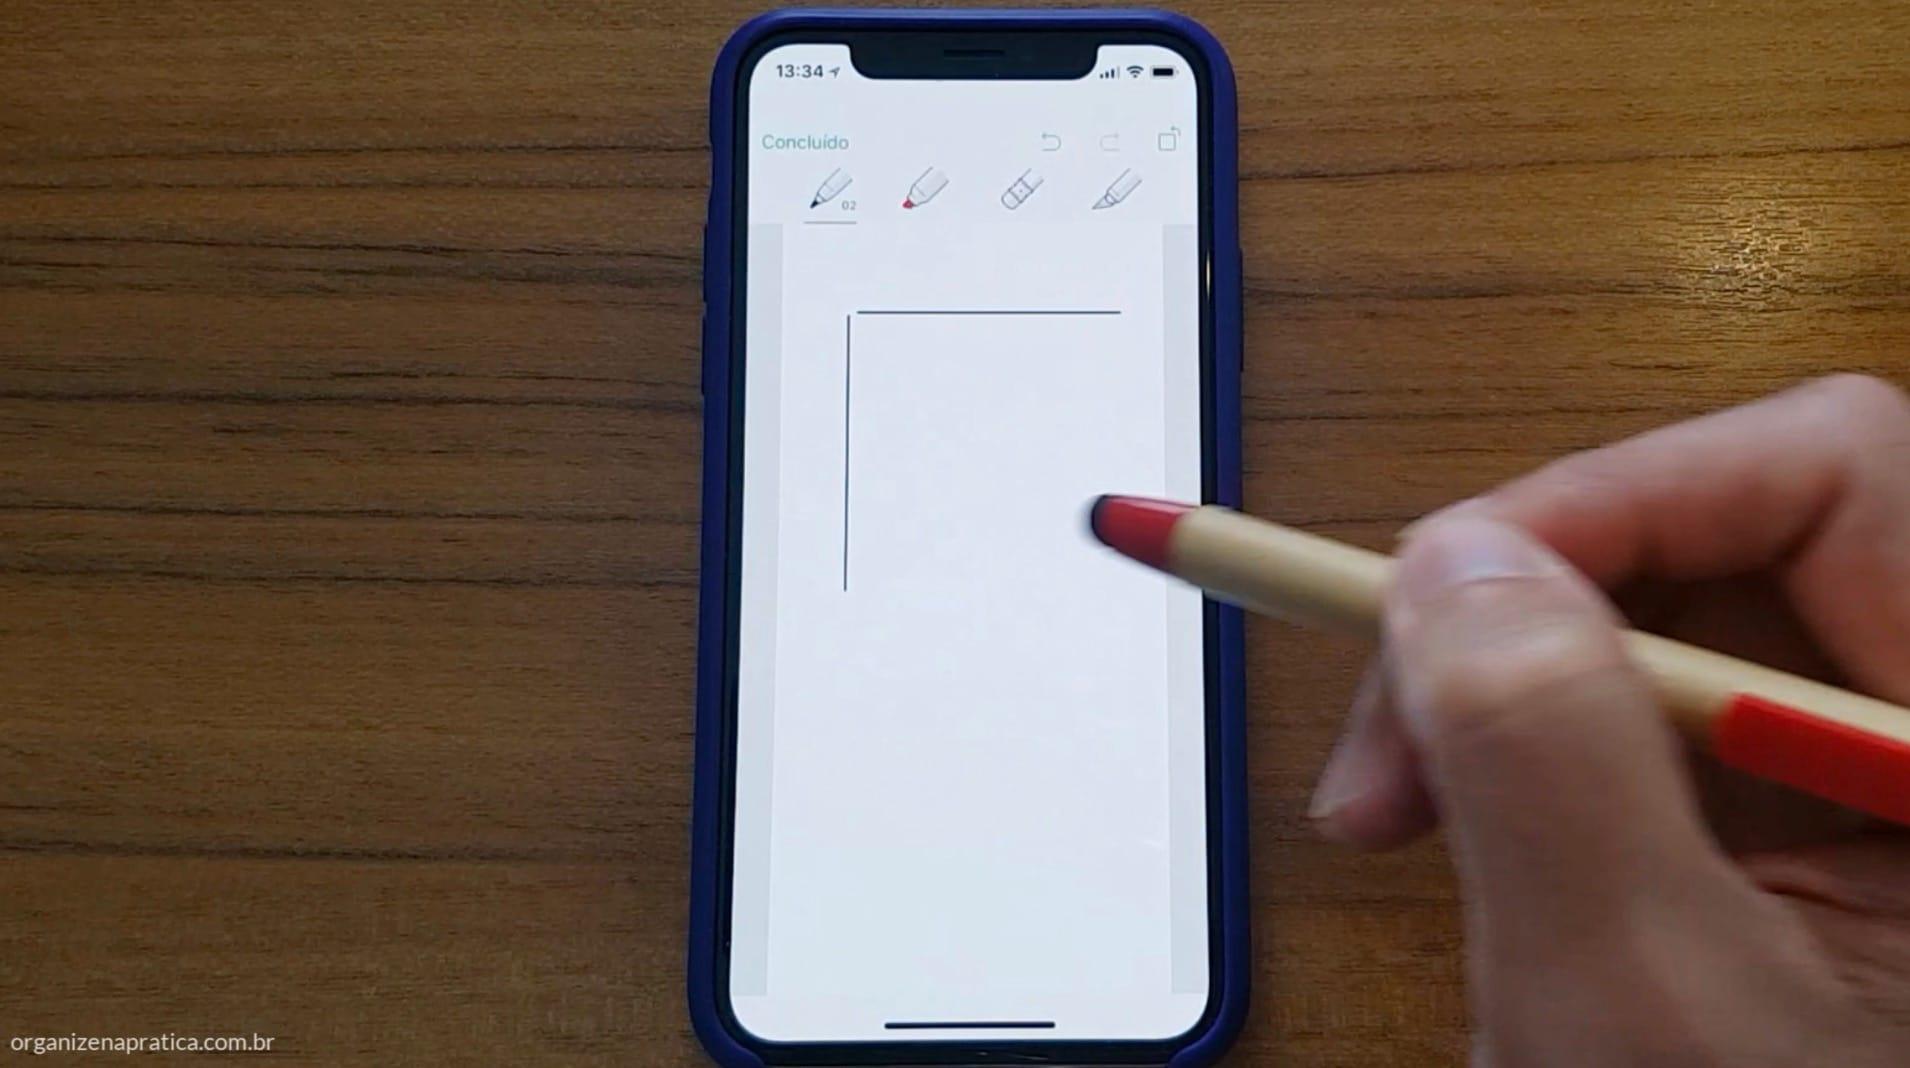 Anotações a mão usando o Evernote